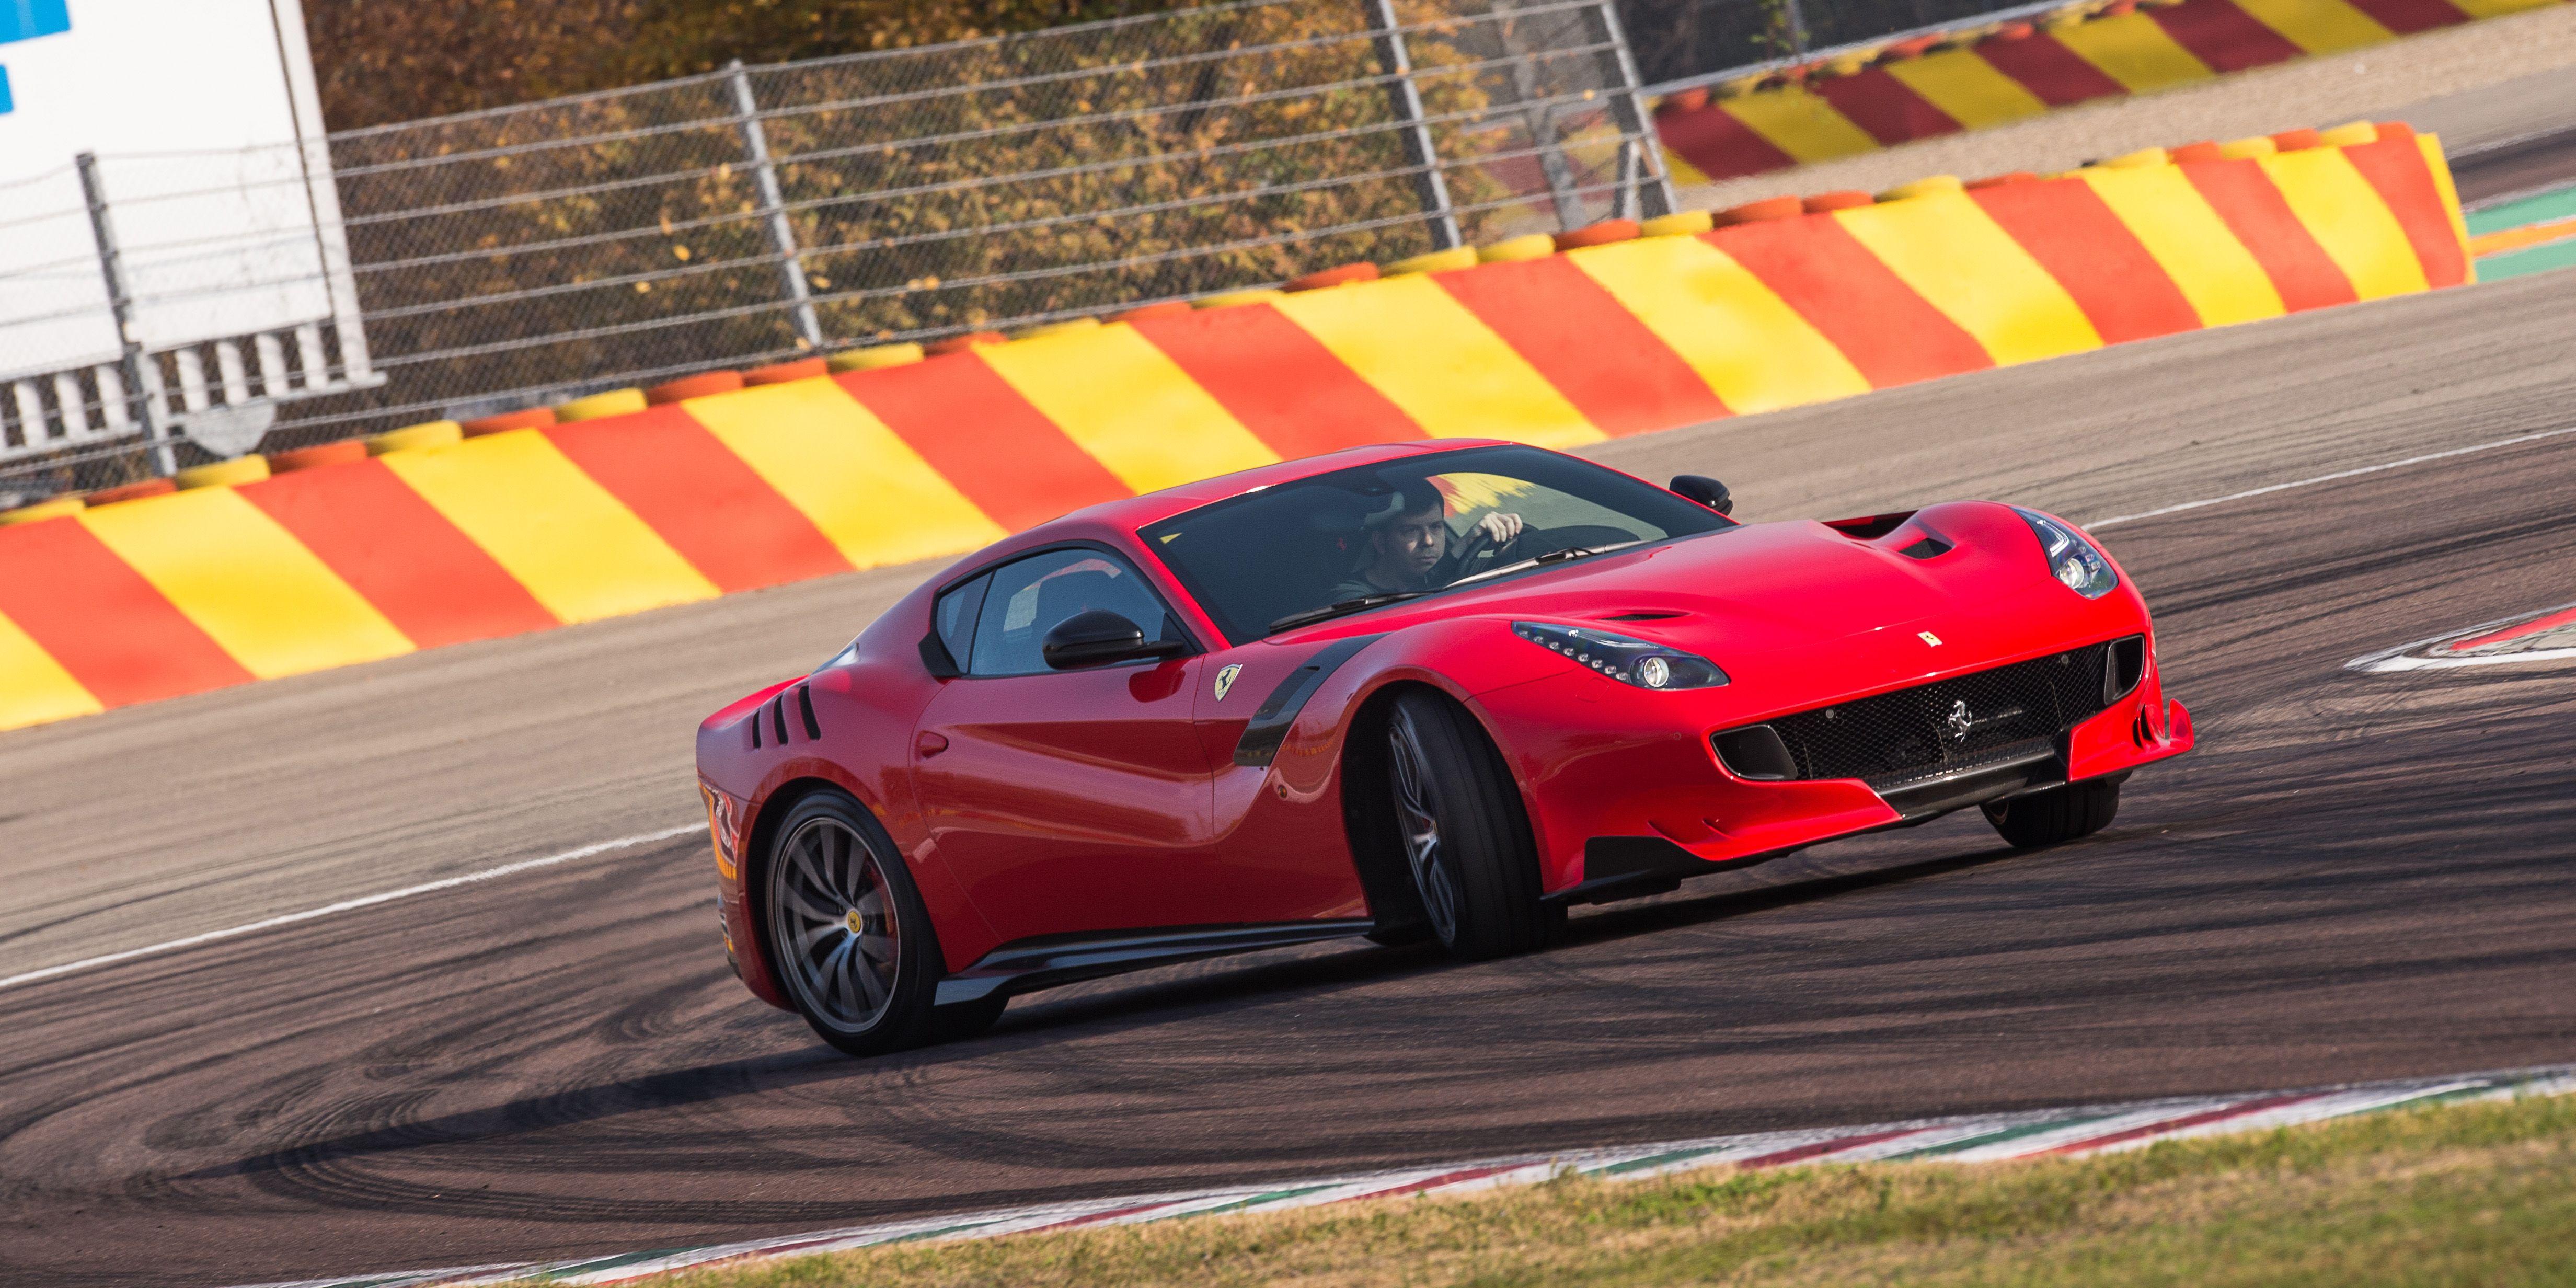 Ferrari F12tdf Review